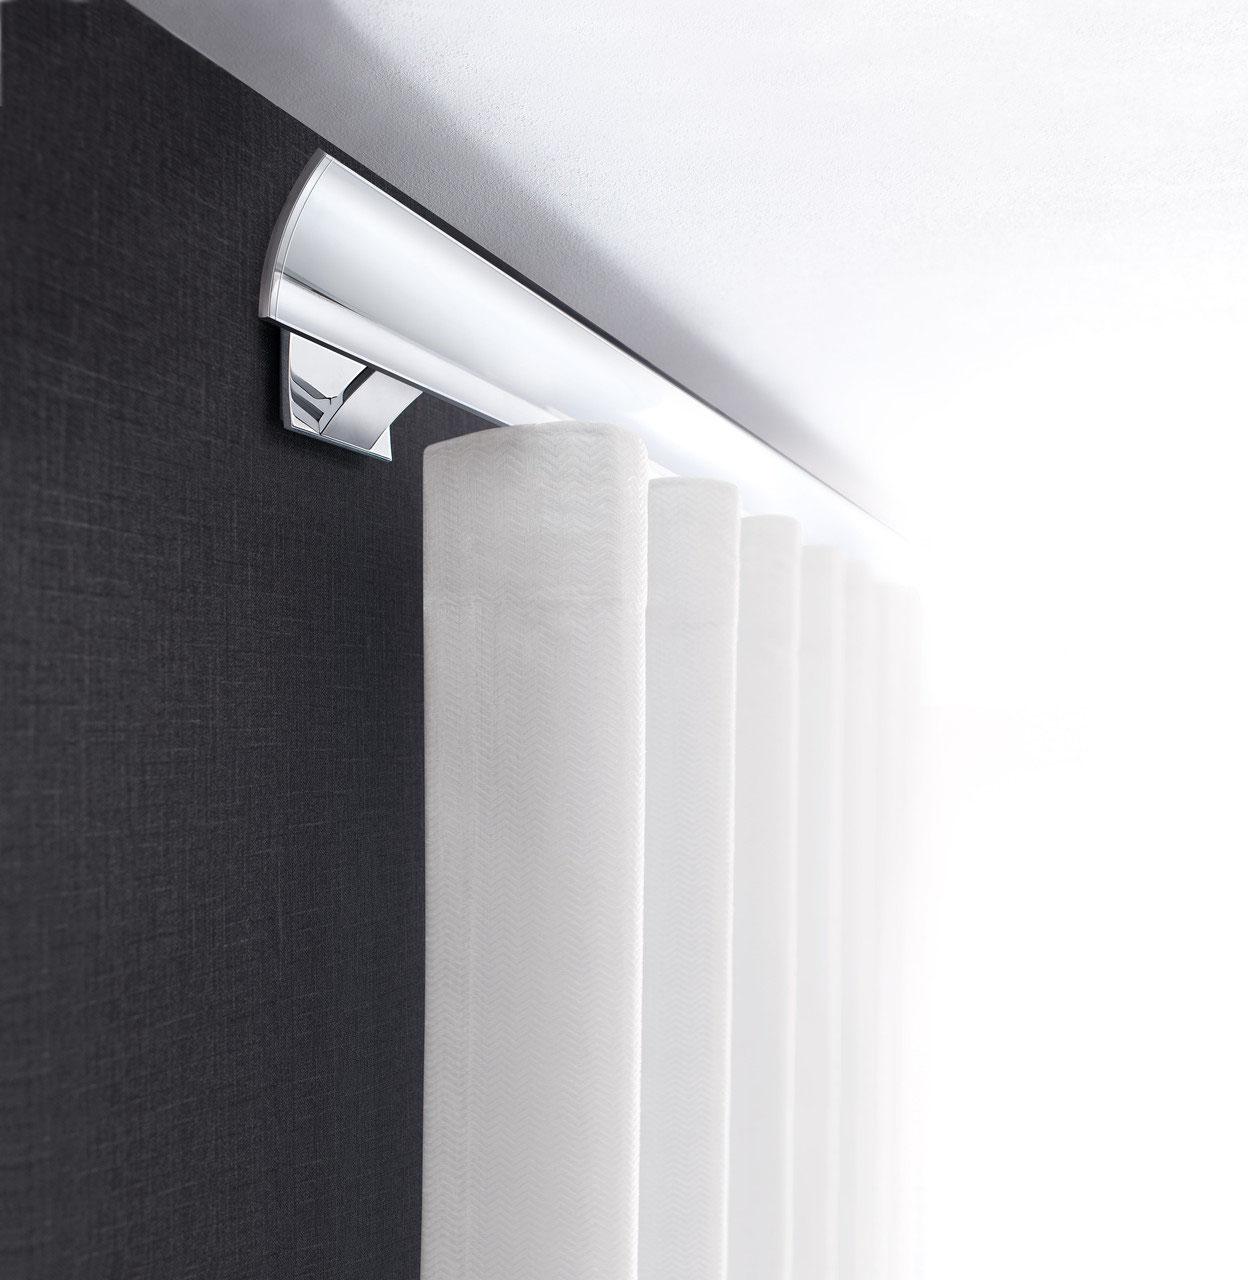 gardinengesch ft berlin raumausstatter berlin. Black Bedroom Furniture Sets. Home Design Ideas